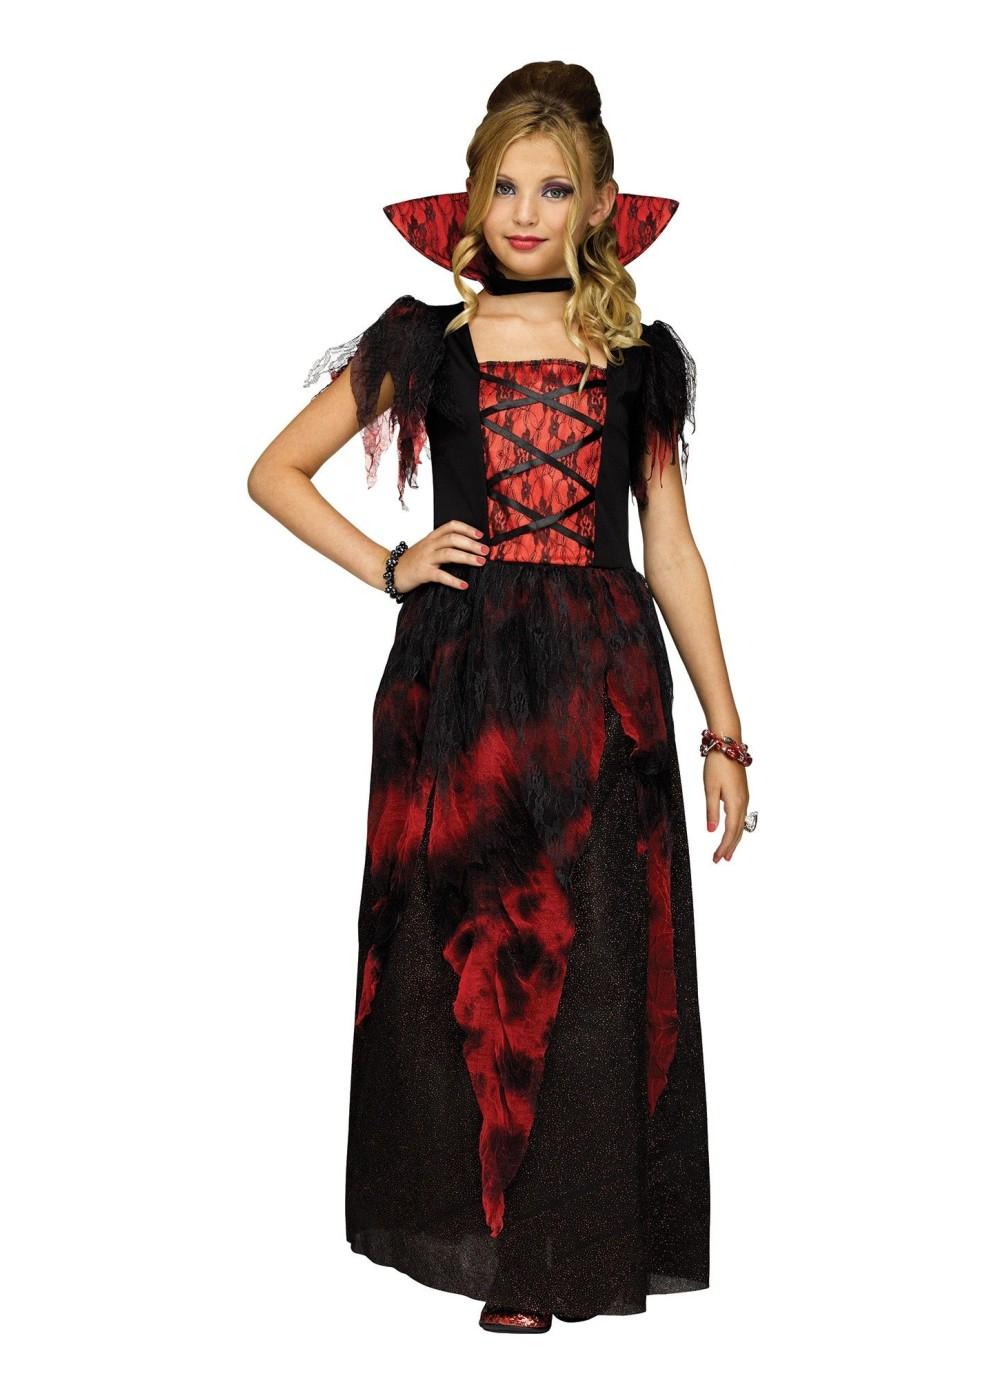 girls countessa costume - vampire costumes